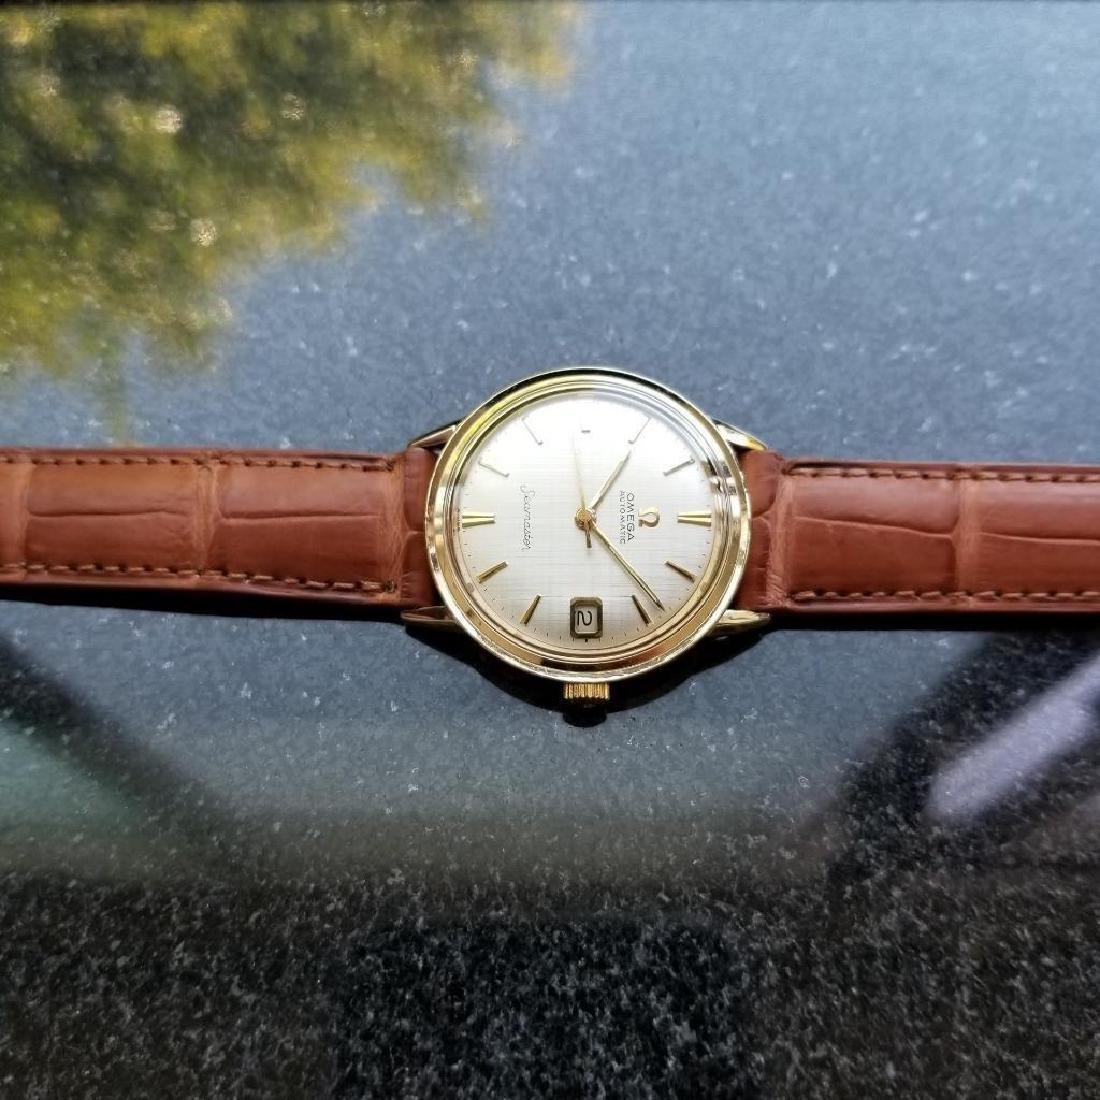 Omega Seamaster Vintage 1960s 14k Gold Filled Swiss - 5